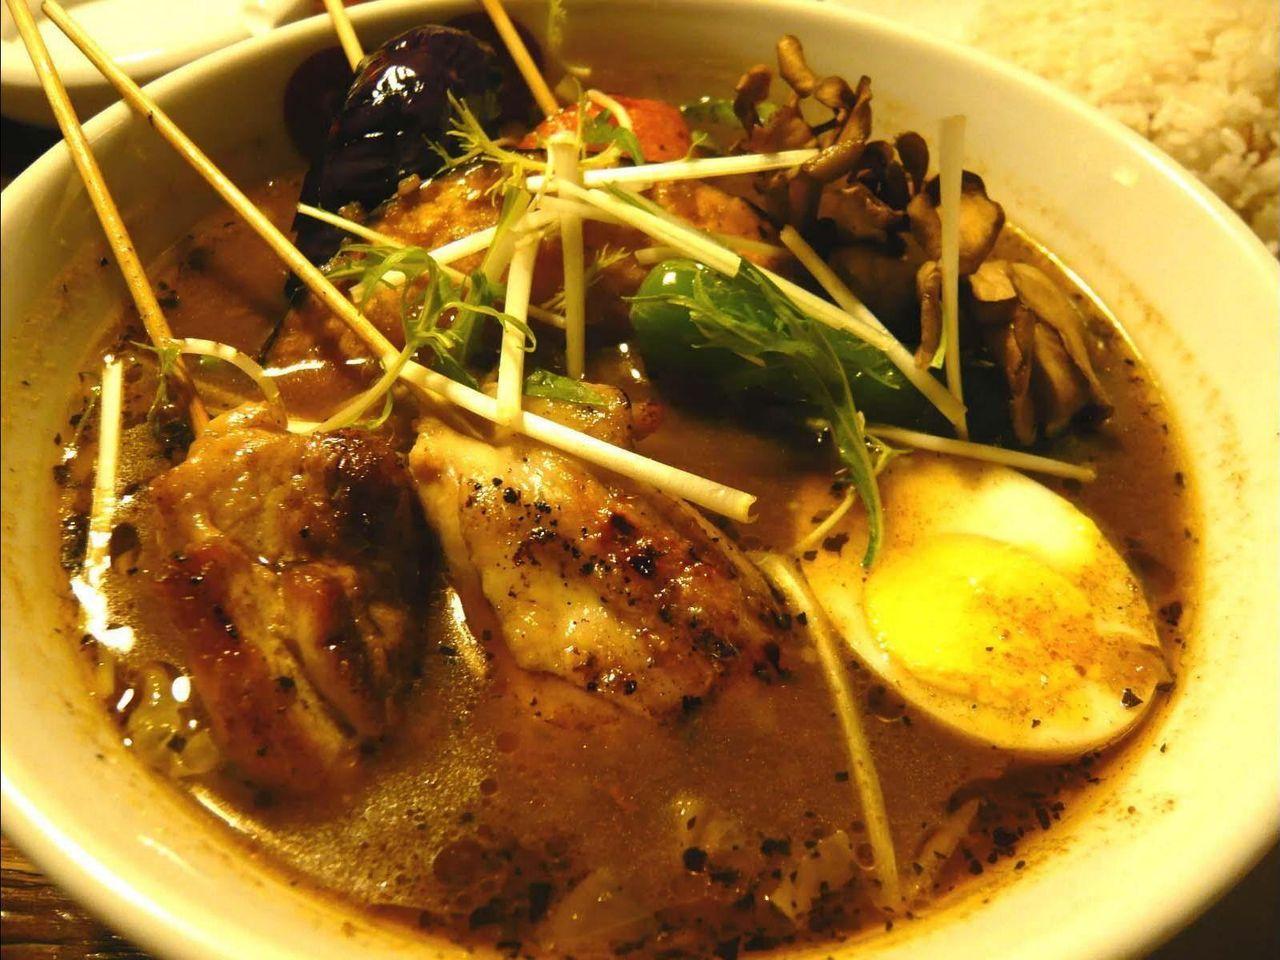 野菜タップリでヘルシーな、パリパリ知床鶏と野菜カレー!